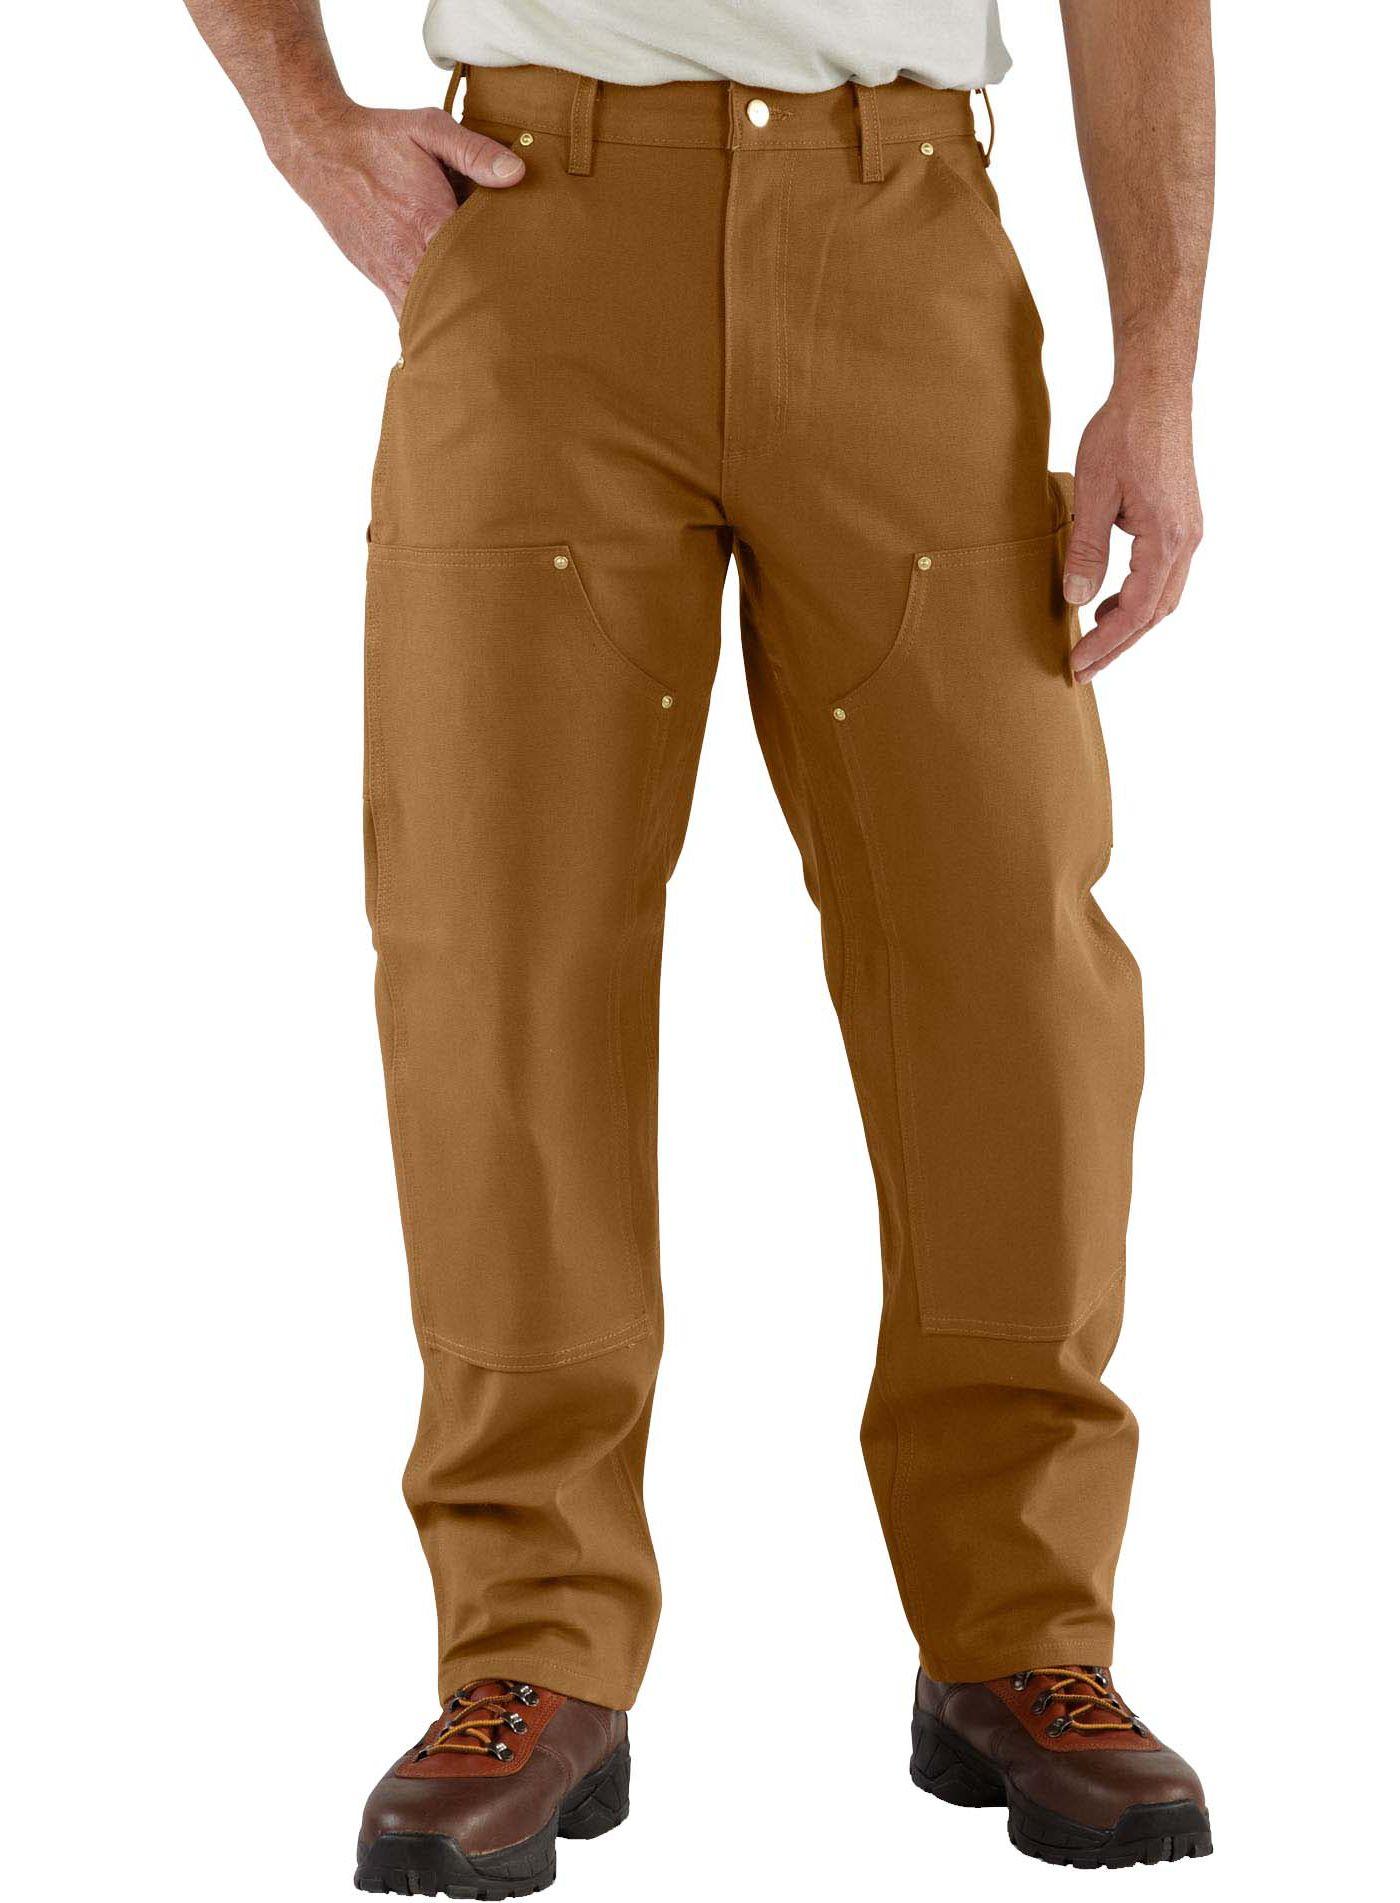 Carhartt Men's Firm Duck Double Knee Work Pants